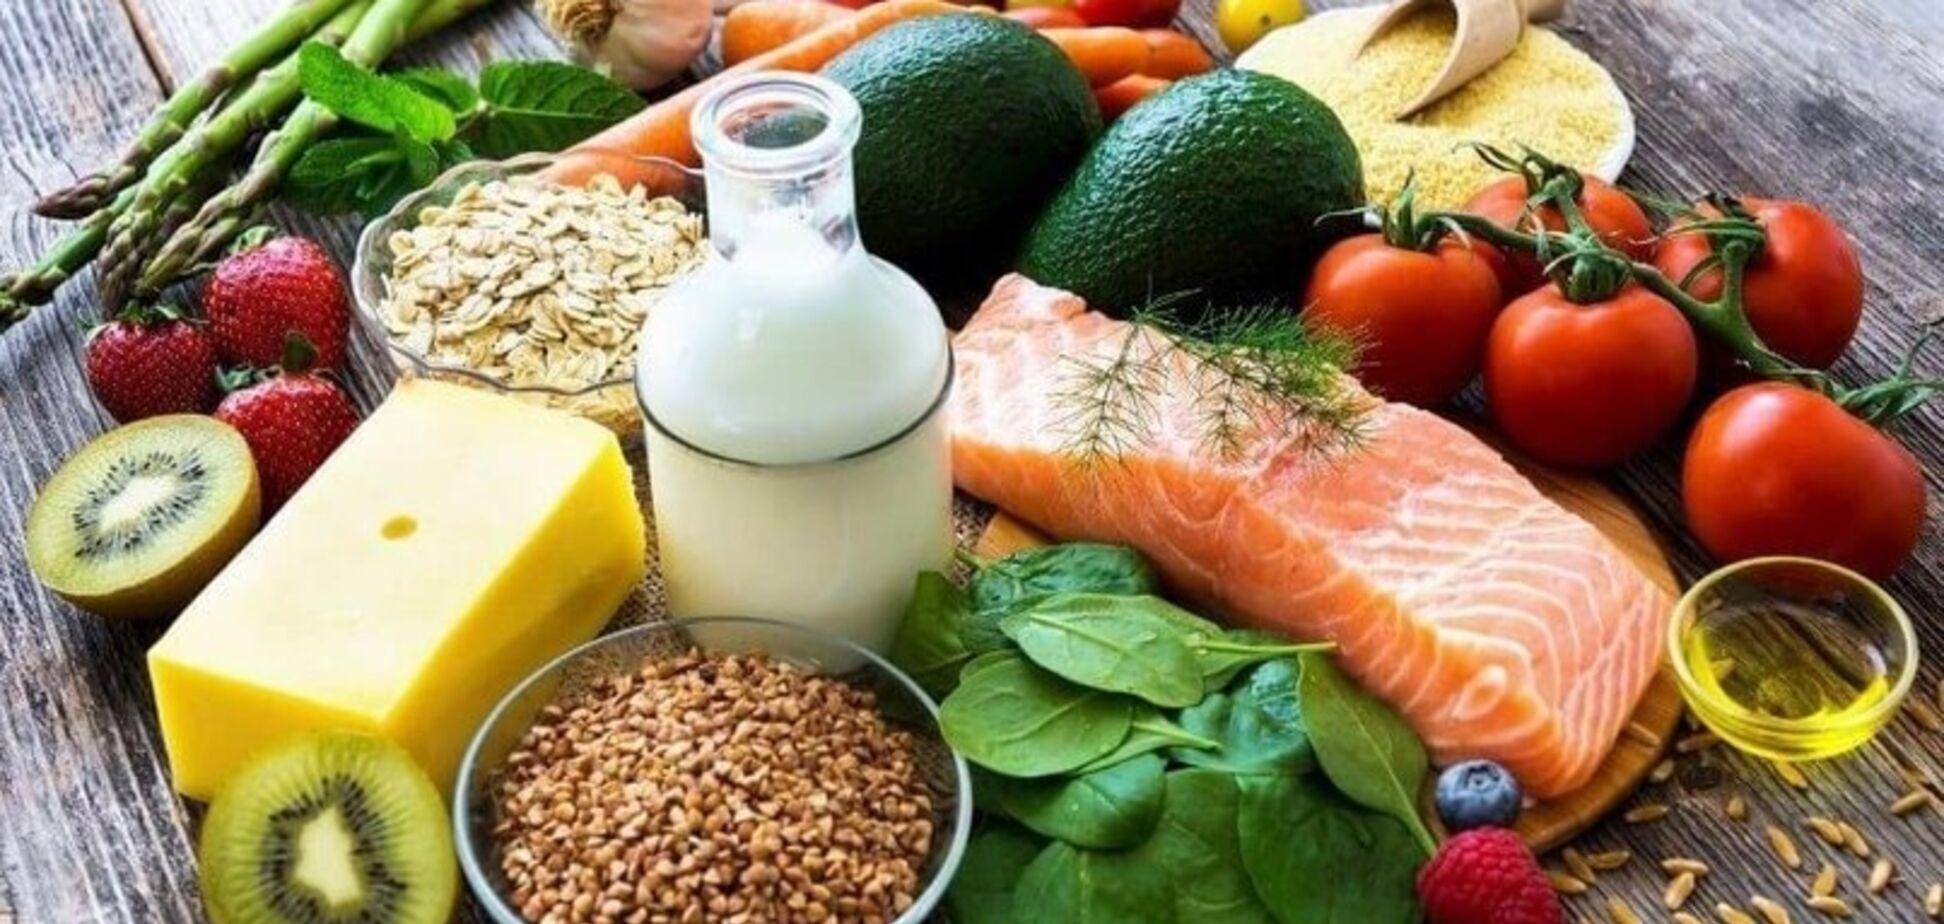 Как правильно готовить и есть ферментированные продукты: полезный рецепт